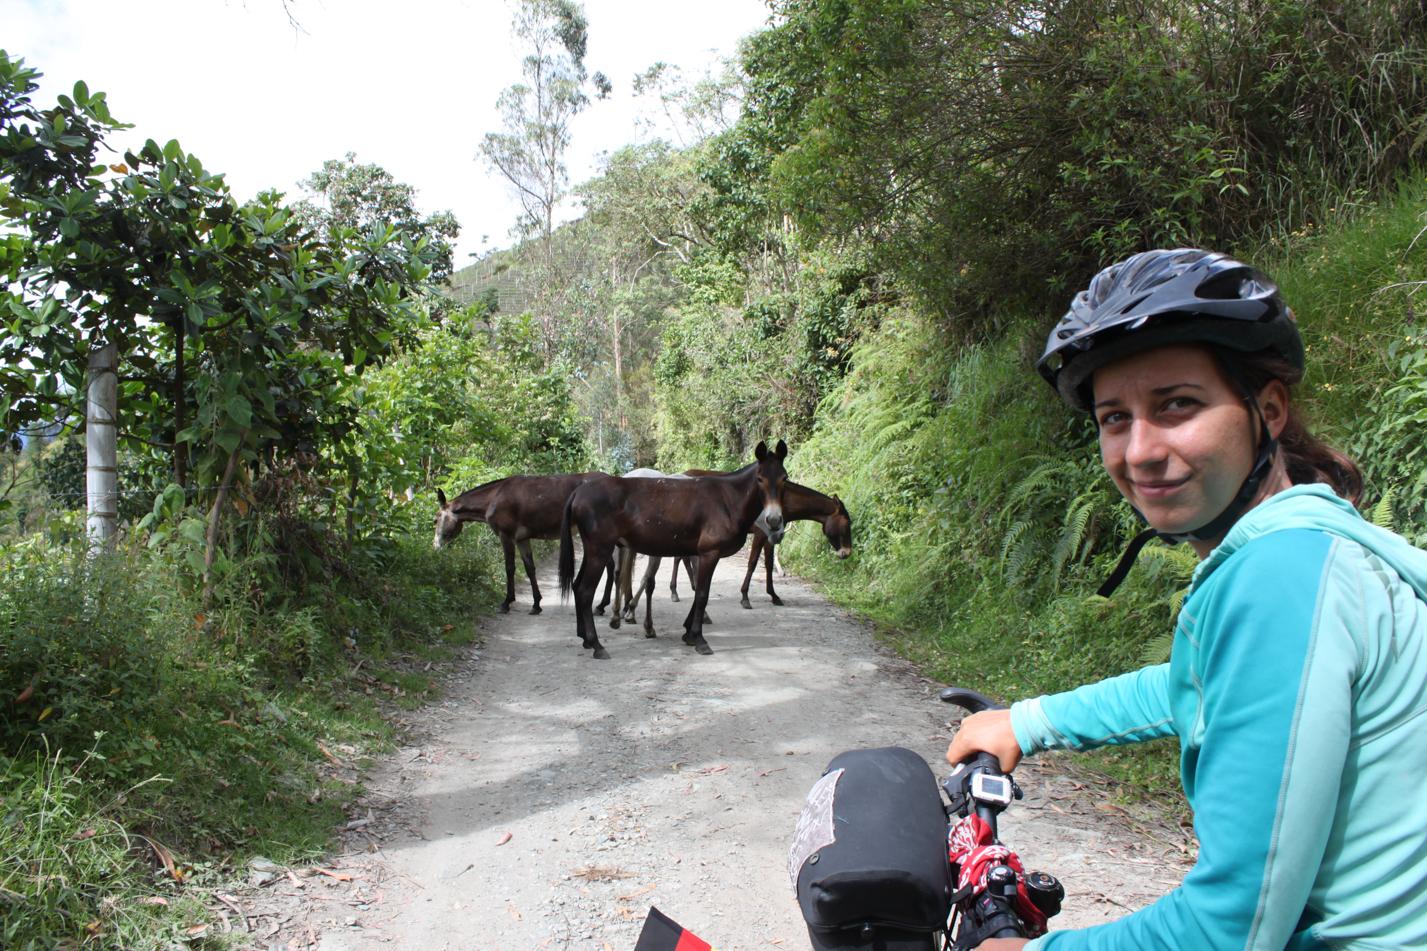 Diese Pferdebande versperrte uns den Weg.